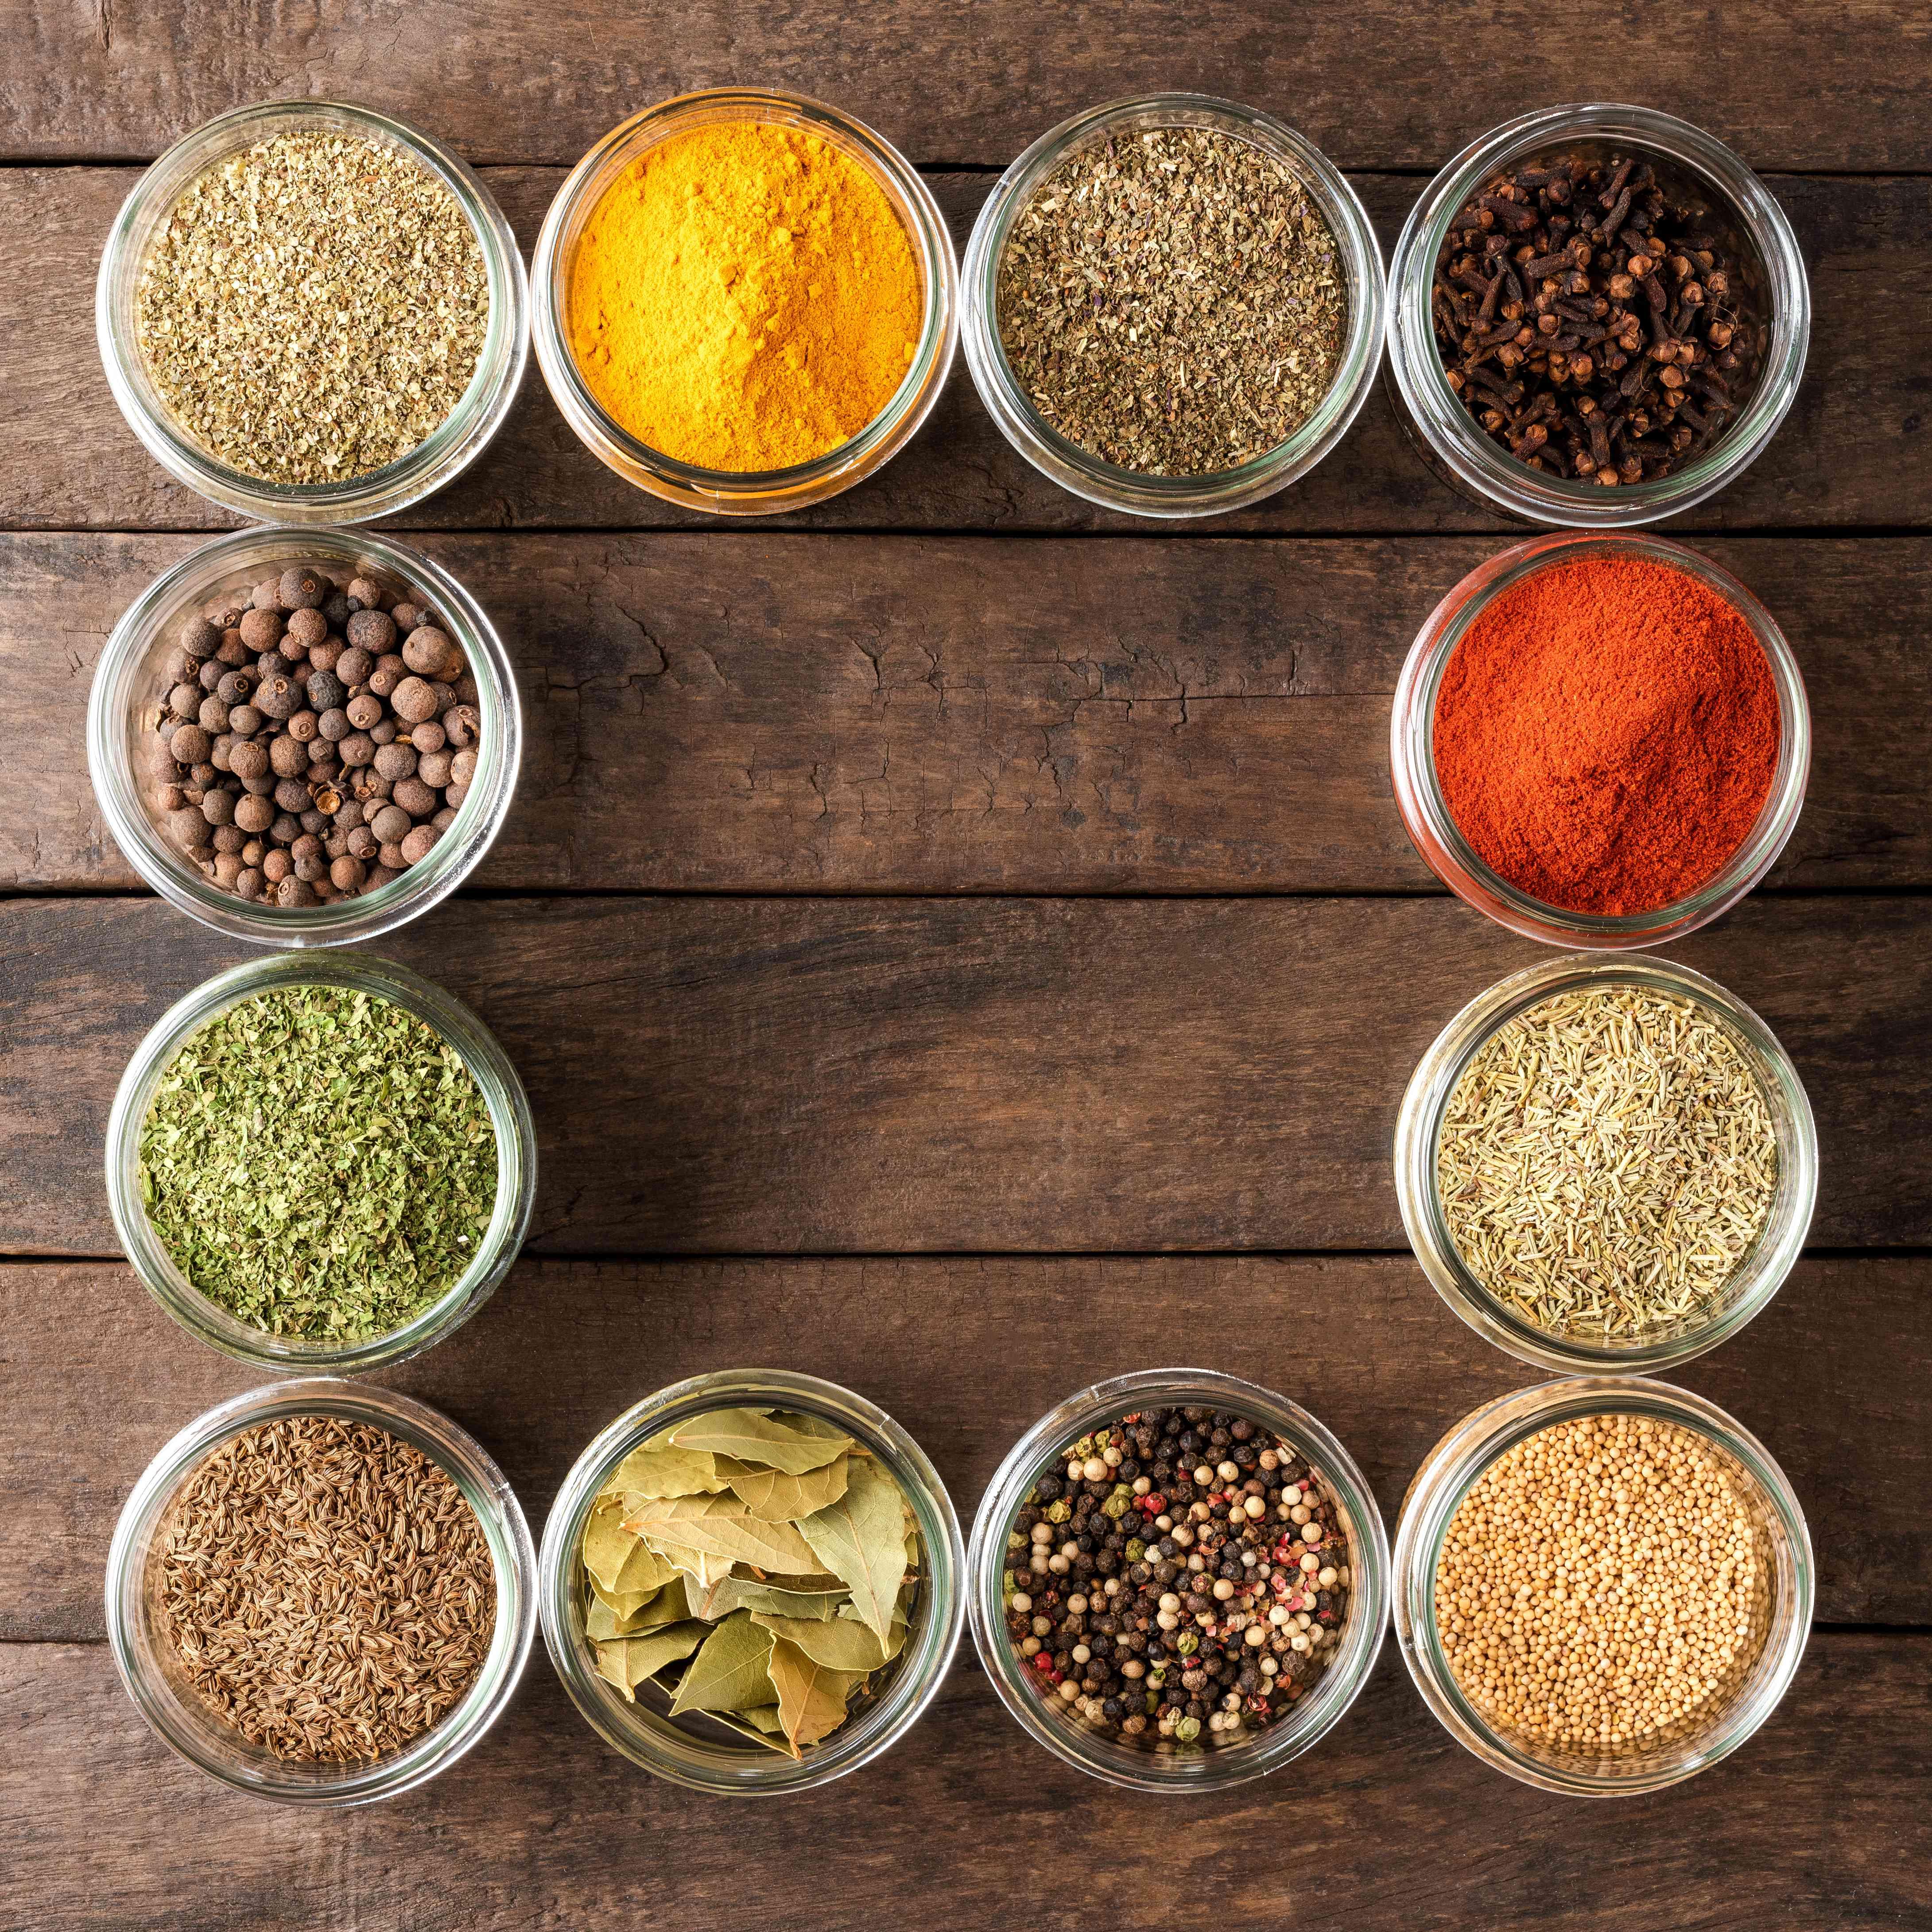 Various types of seasonings in bowls, create a pantry